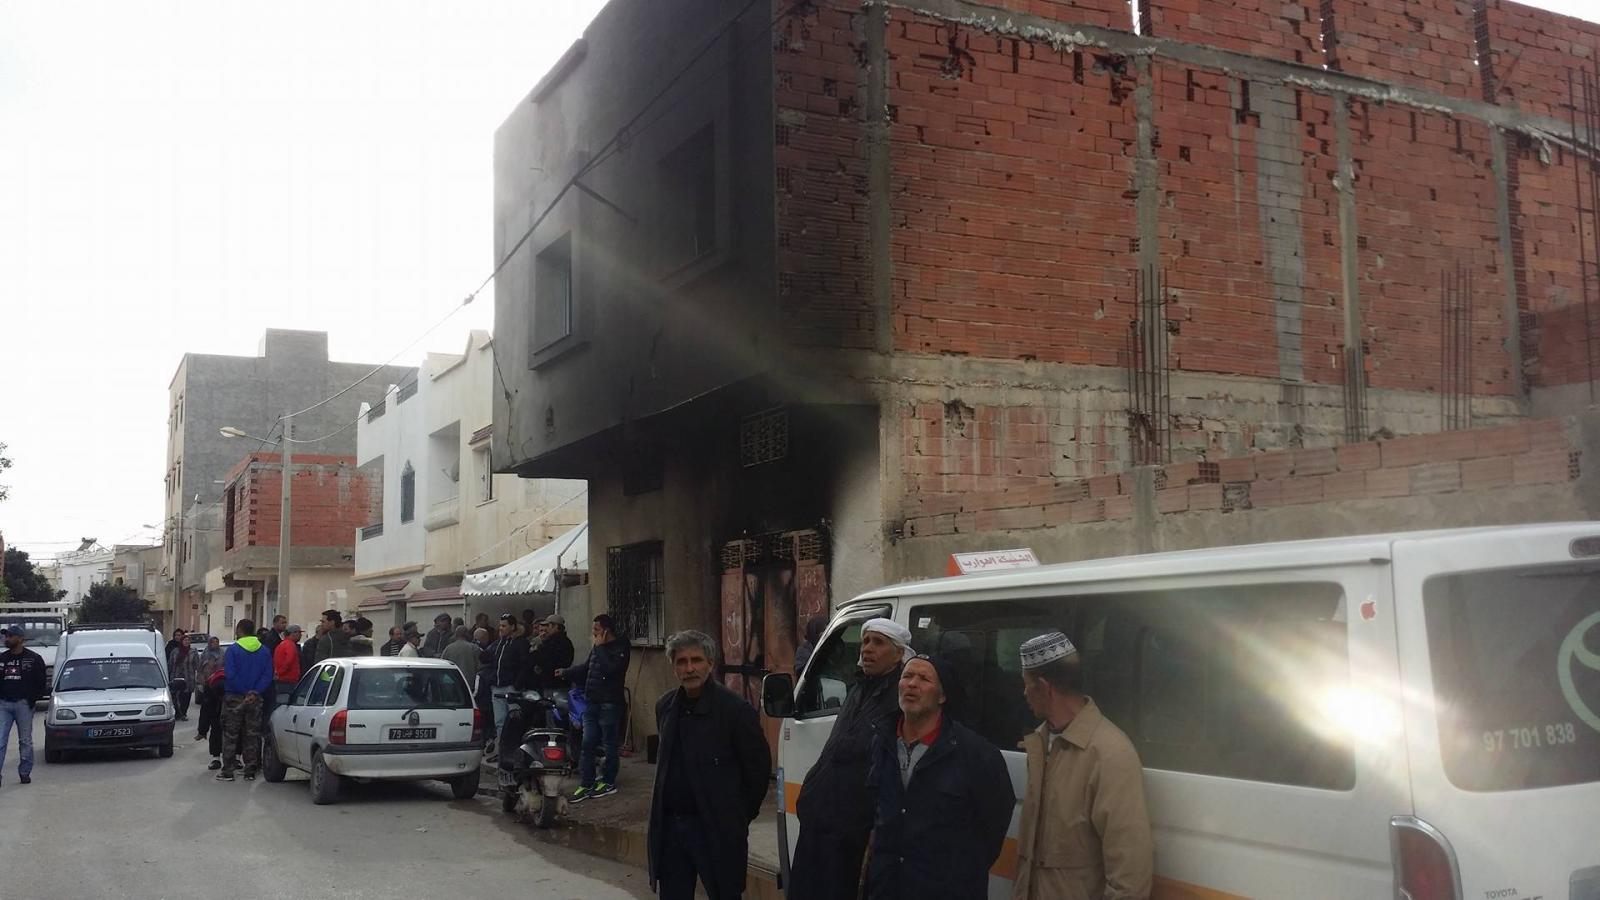 كارثة جديدة لمحلات البنزين المهرّب : حريق هائل في القيروان يفتك بصاحب المحلّ!